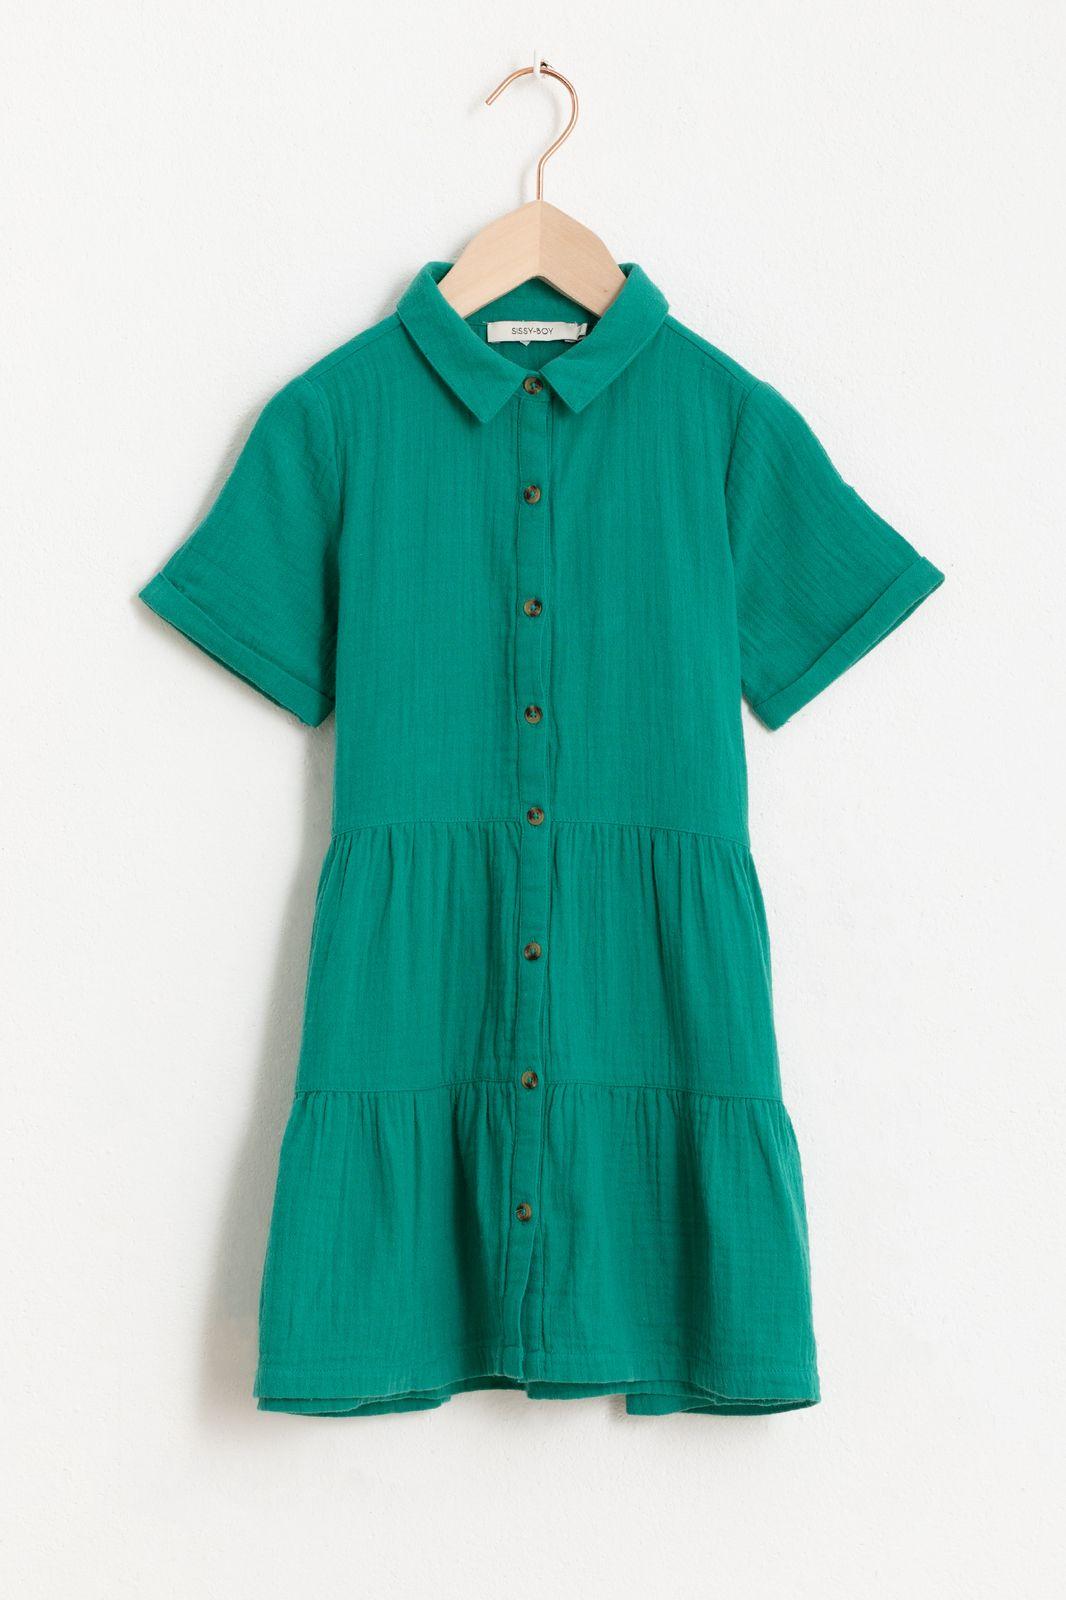 Groen jurkje met korte mouw en ruffle details